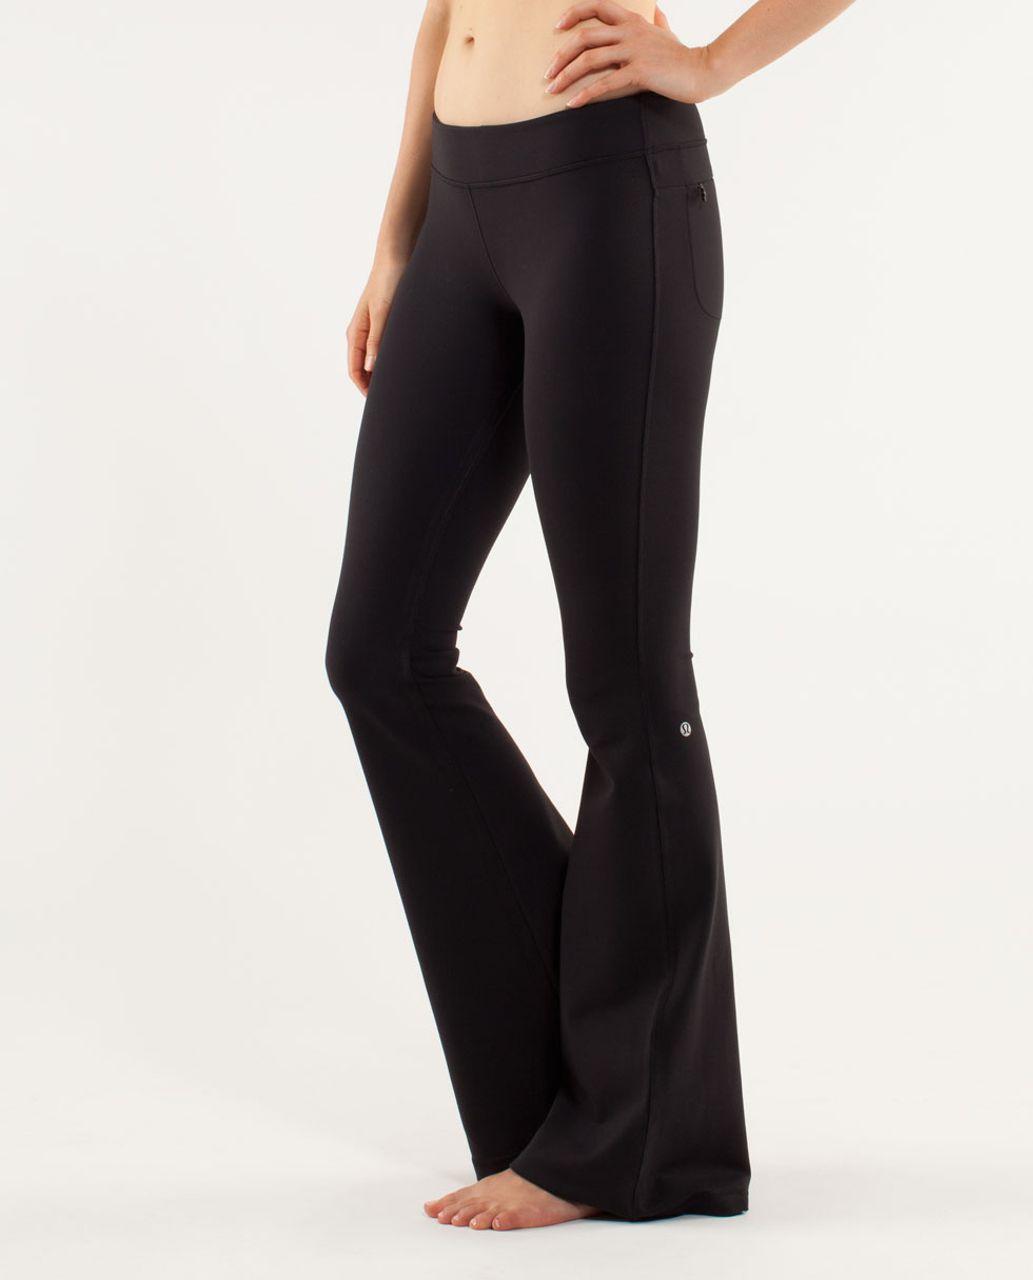 Lululemon Wanderful Flare Pant - Black